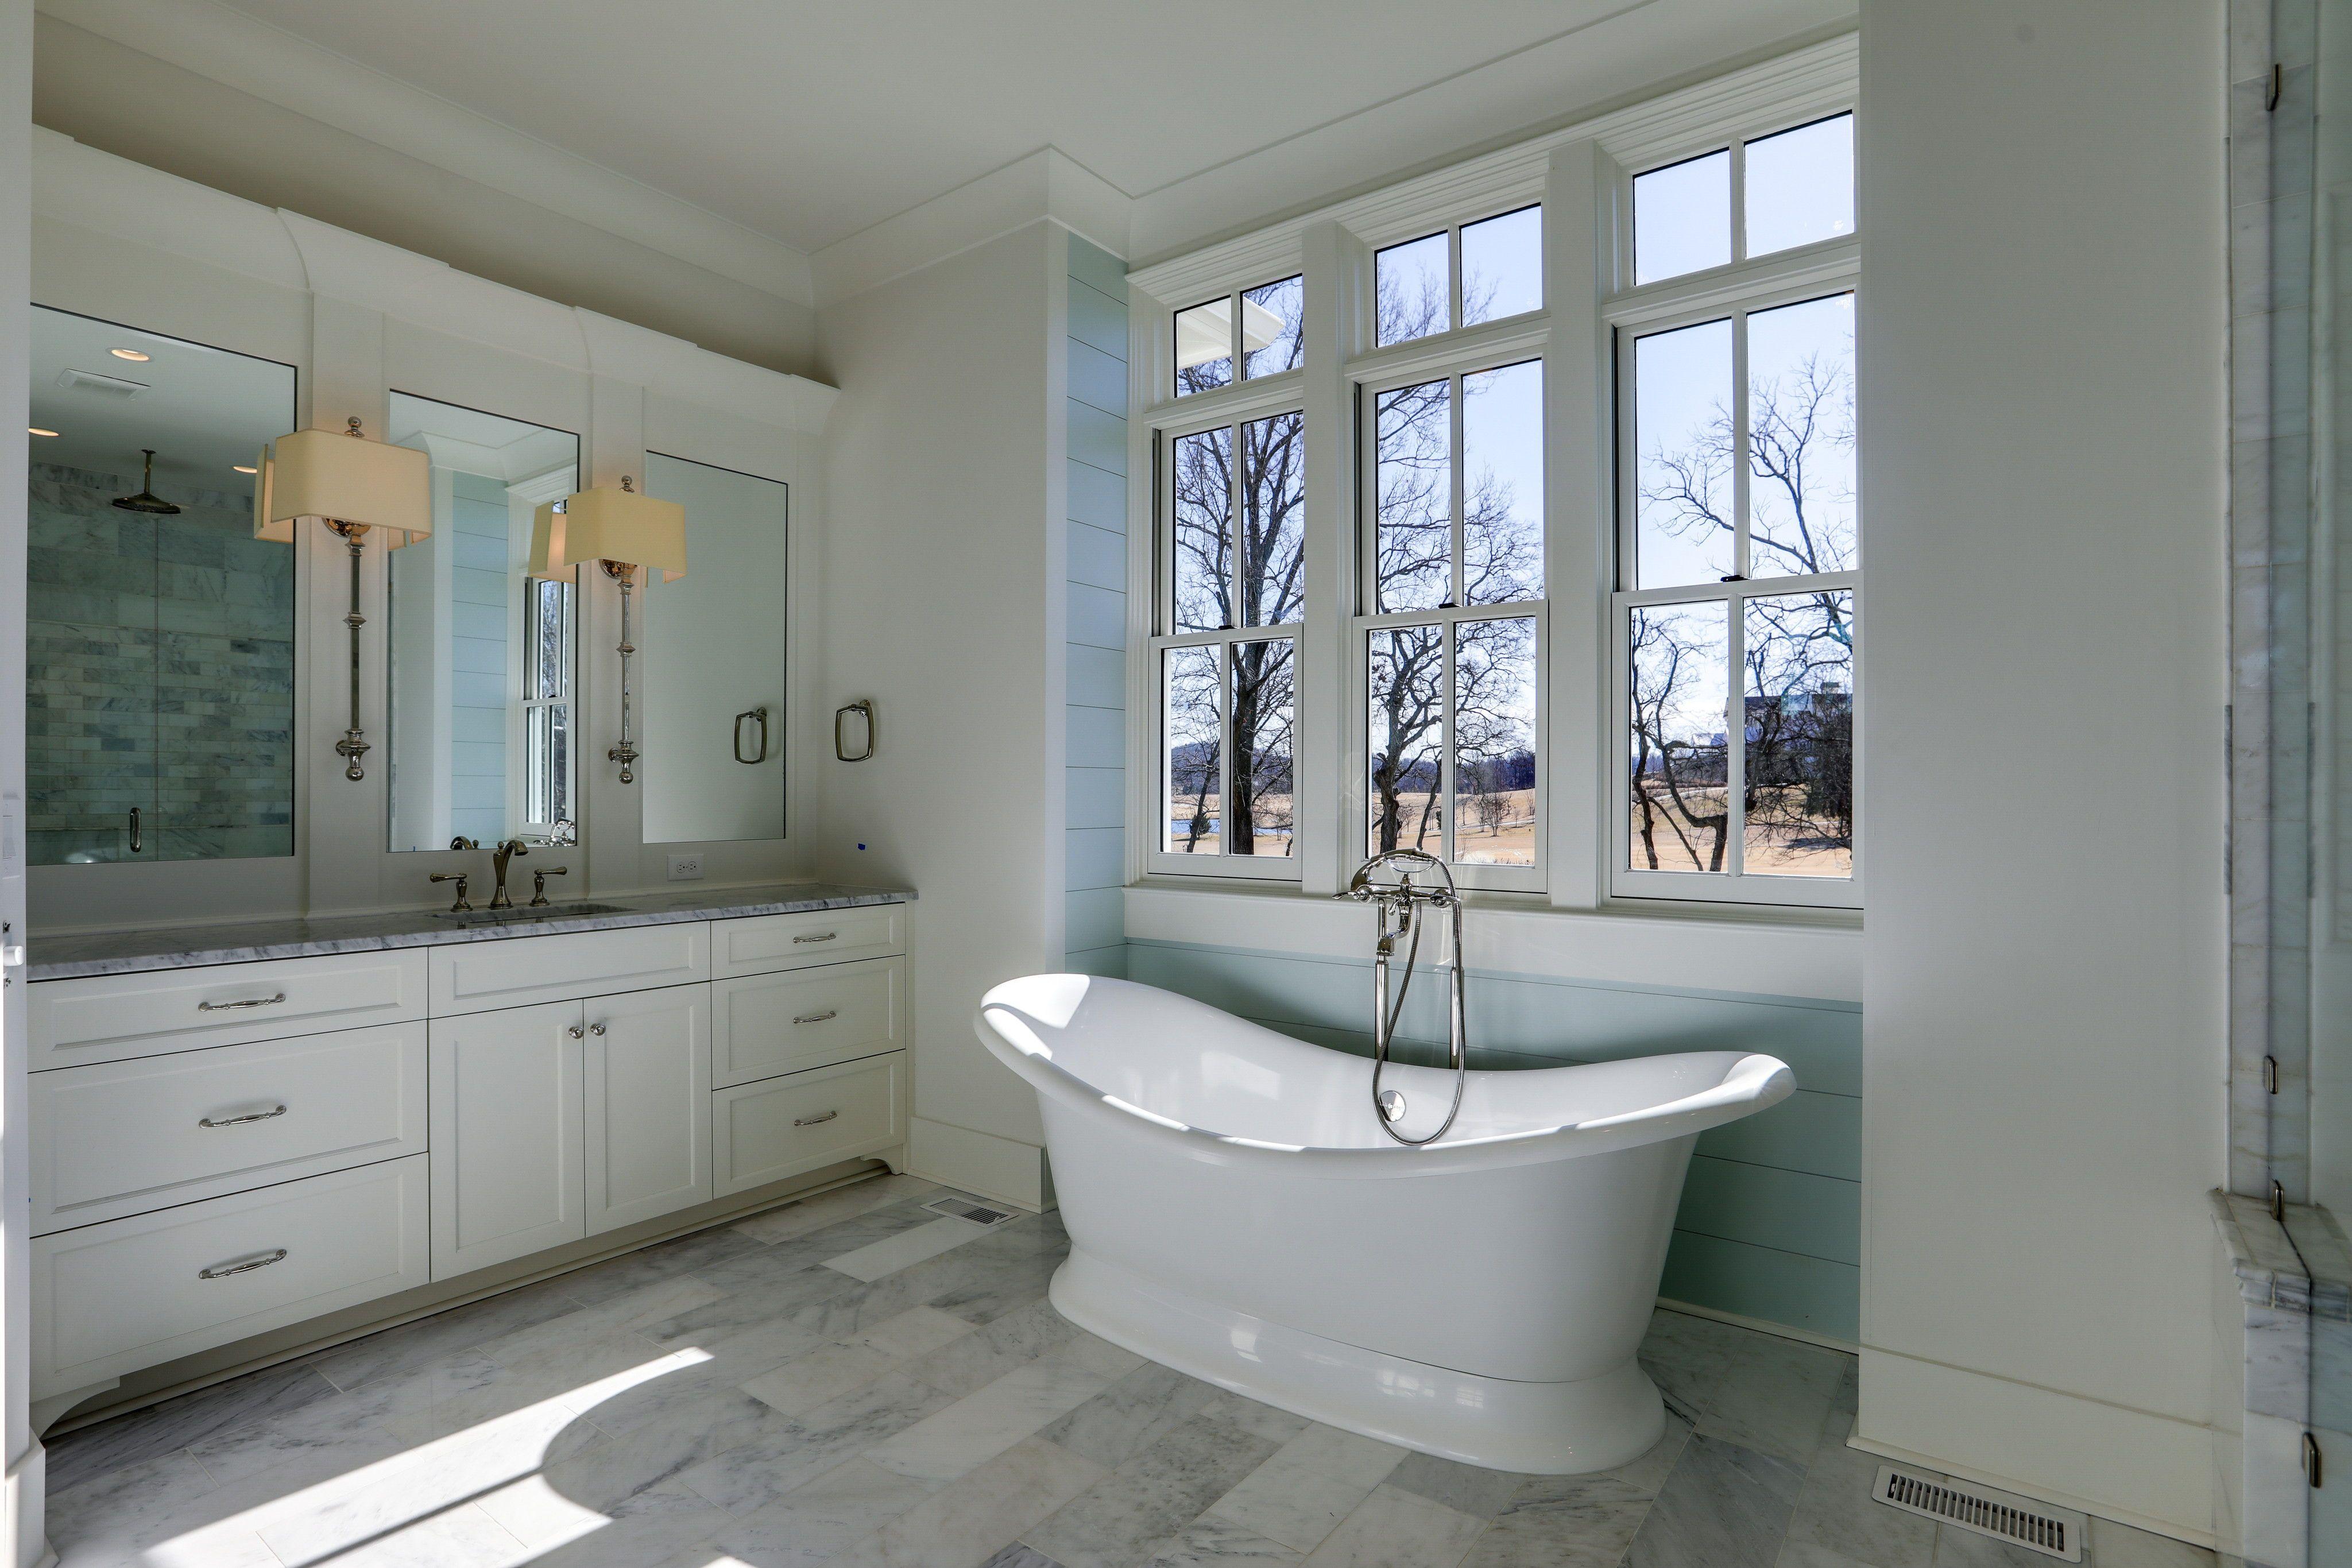 Master Bathroom Decor Ideas Modern Bathtub Ideas Freestanding Modern Bathroom Double Vani Modern Bathroom Decor Bathroom Decor Luxury Bathroom Master Baths